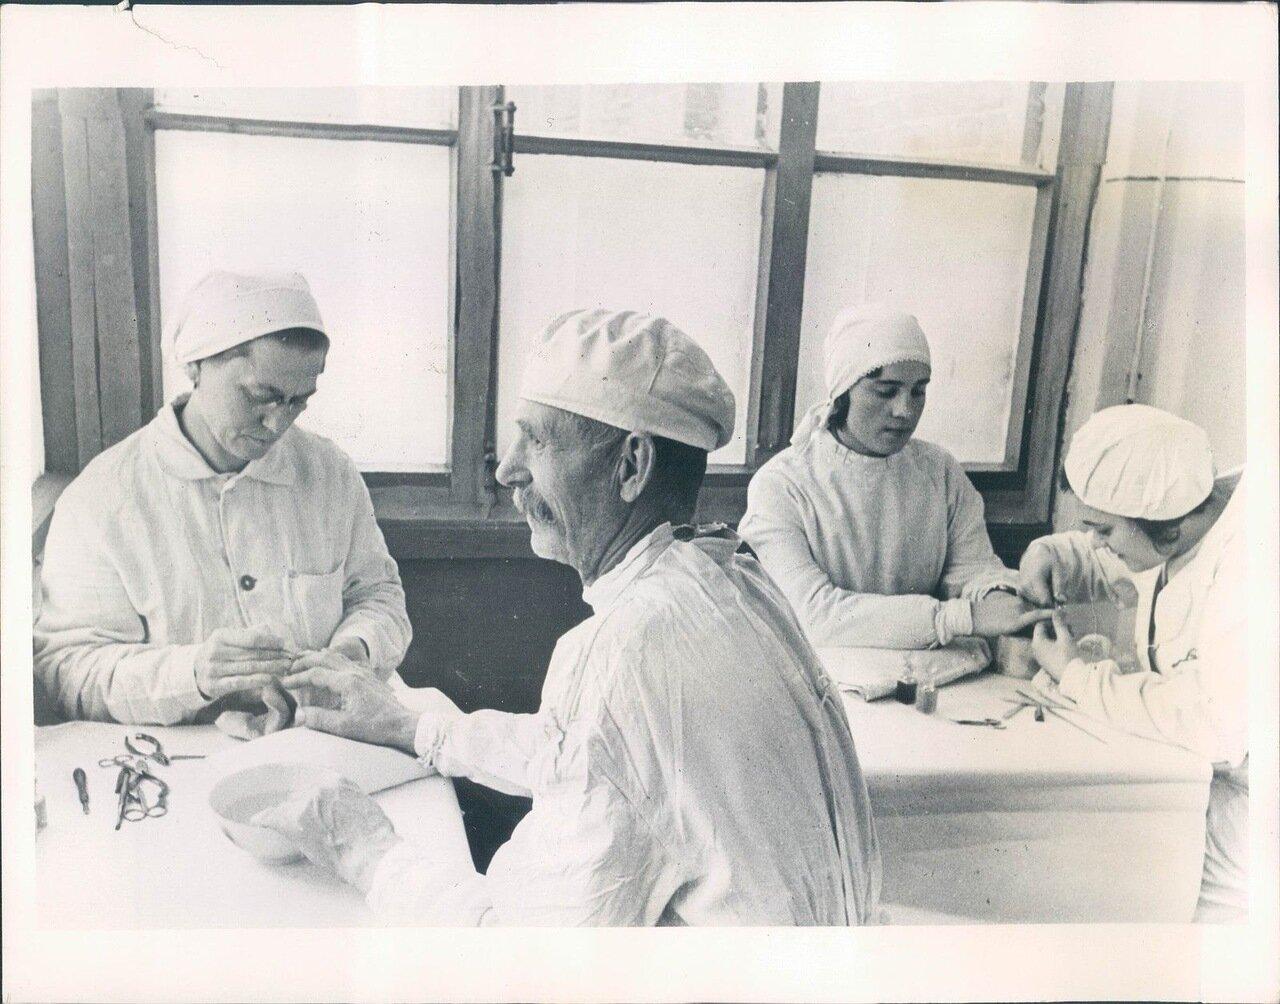 1936. Большевики строго следят за соблюдением норм гигиены